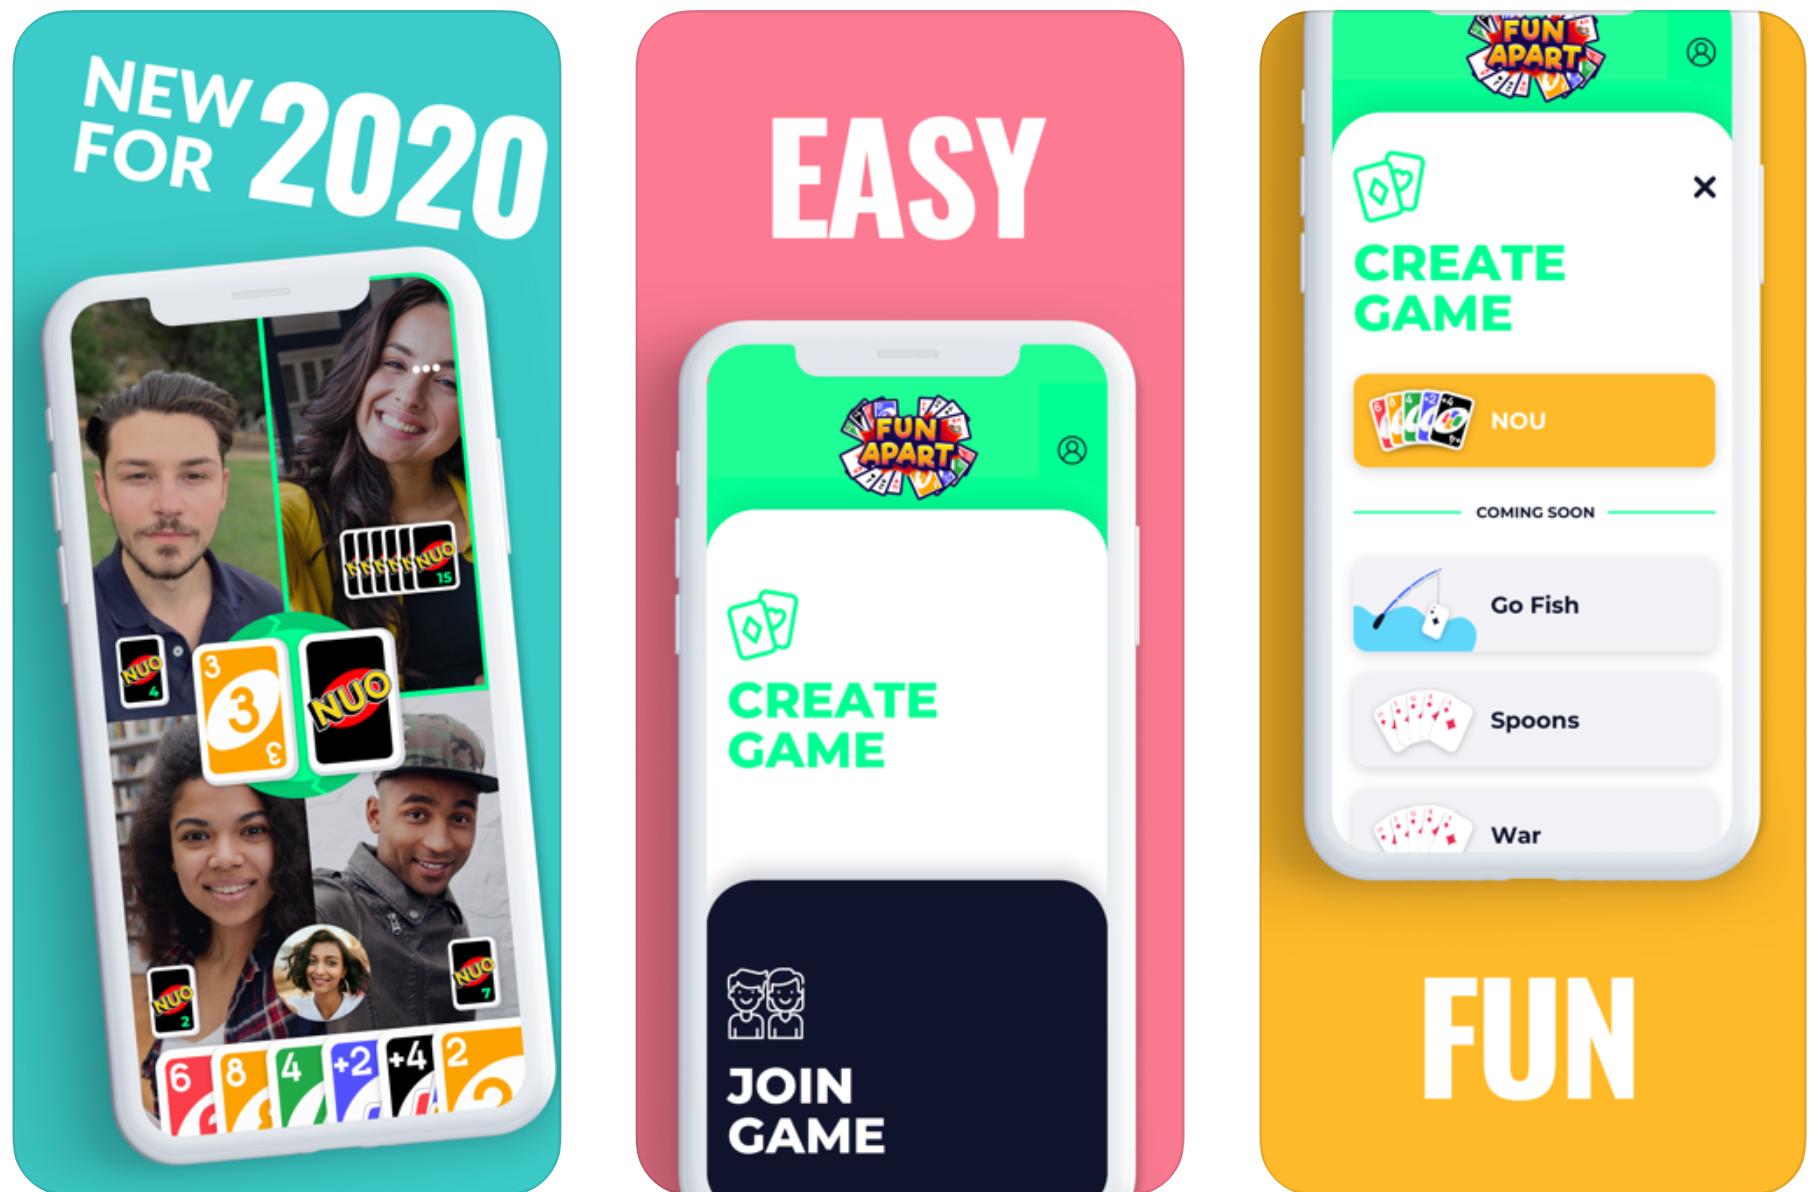 Helio, Fun Apart, Leap Habit Tracker e outras aplicações para conferir este fim de semana 2